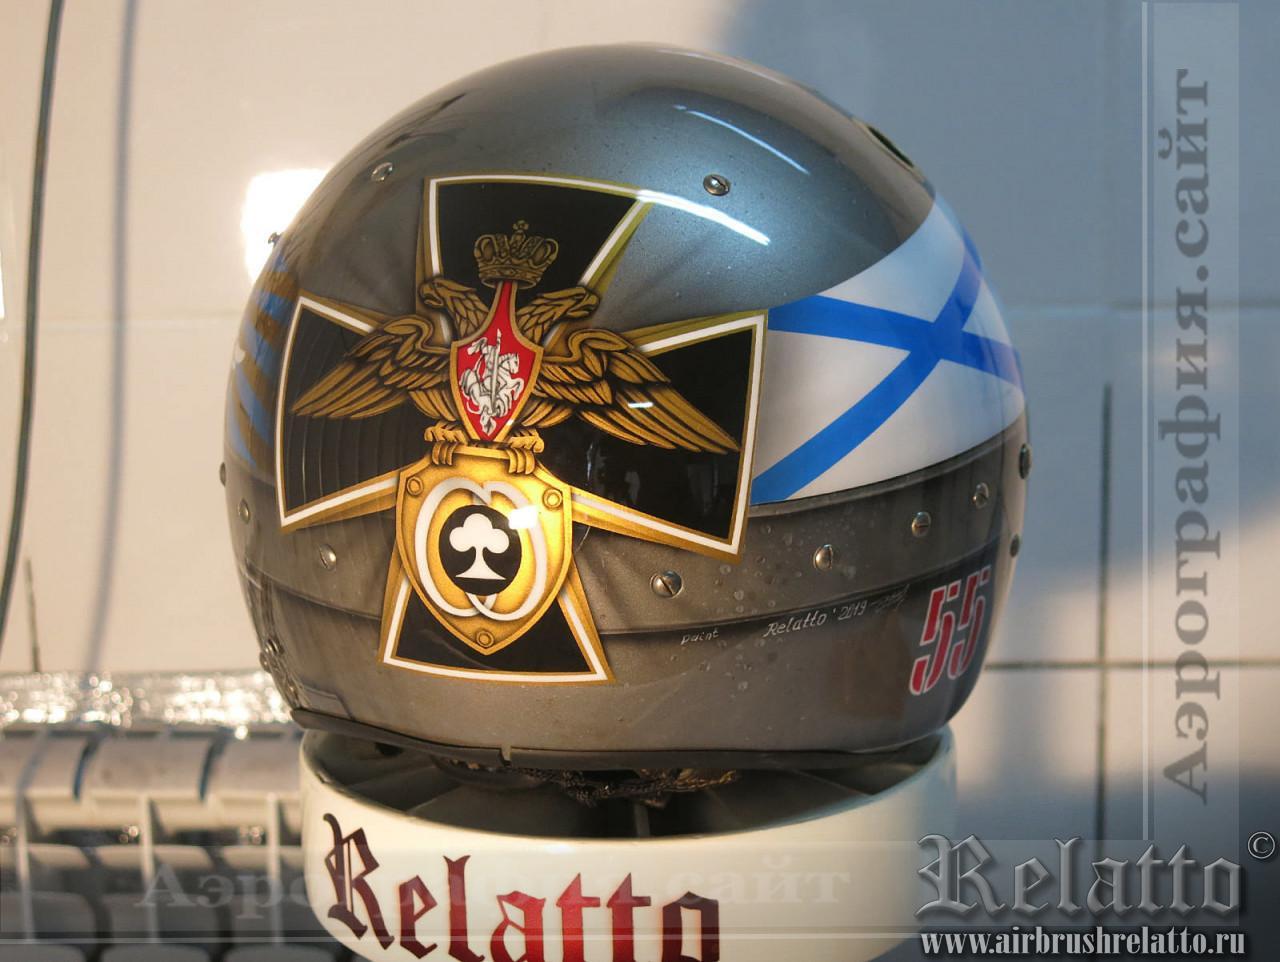 летный шлем аэрография в Краснодаре